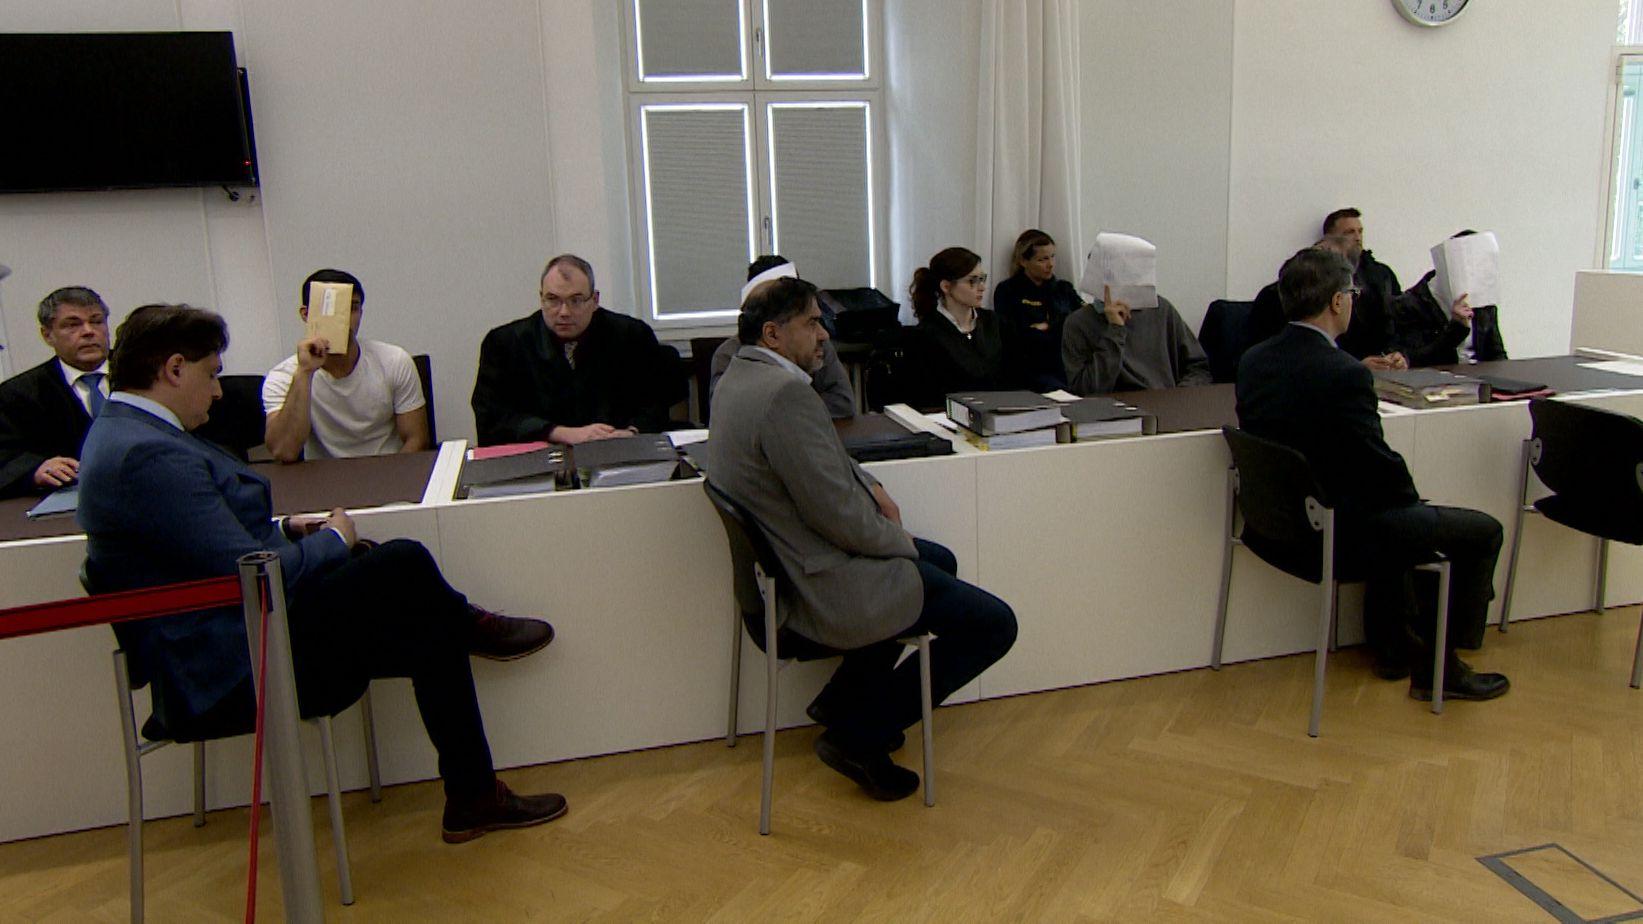 Ein halbes Jahr nach der Prügelattacke in Amberg sind vier junge Asylbewerber heute vor dem Amtsgericht verurteilt worden.